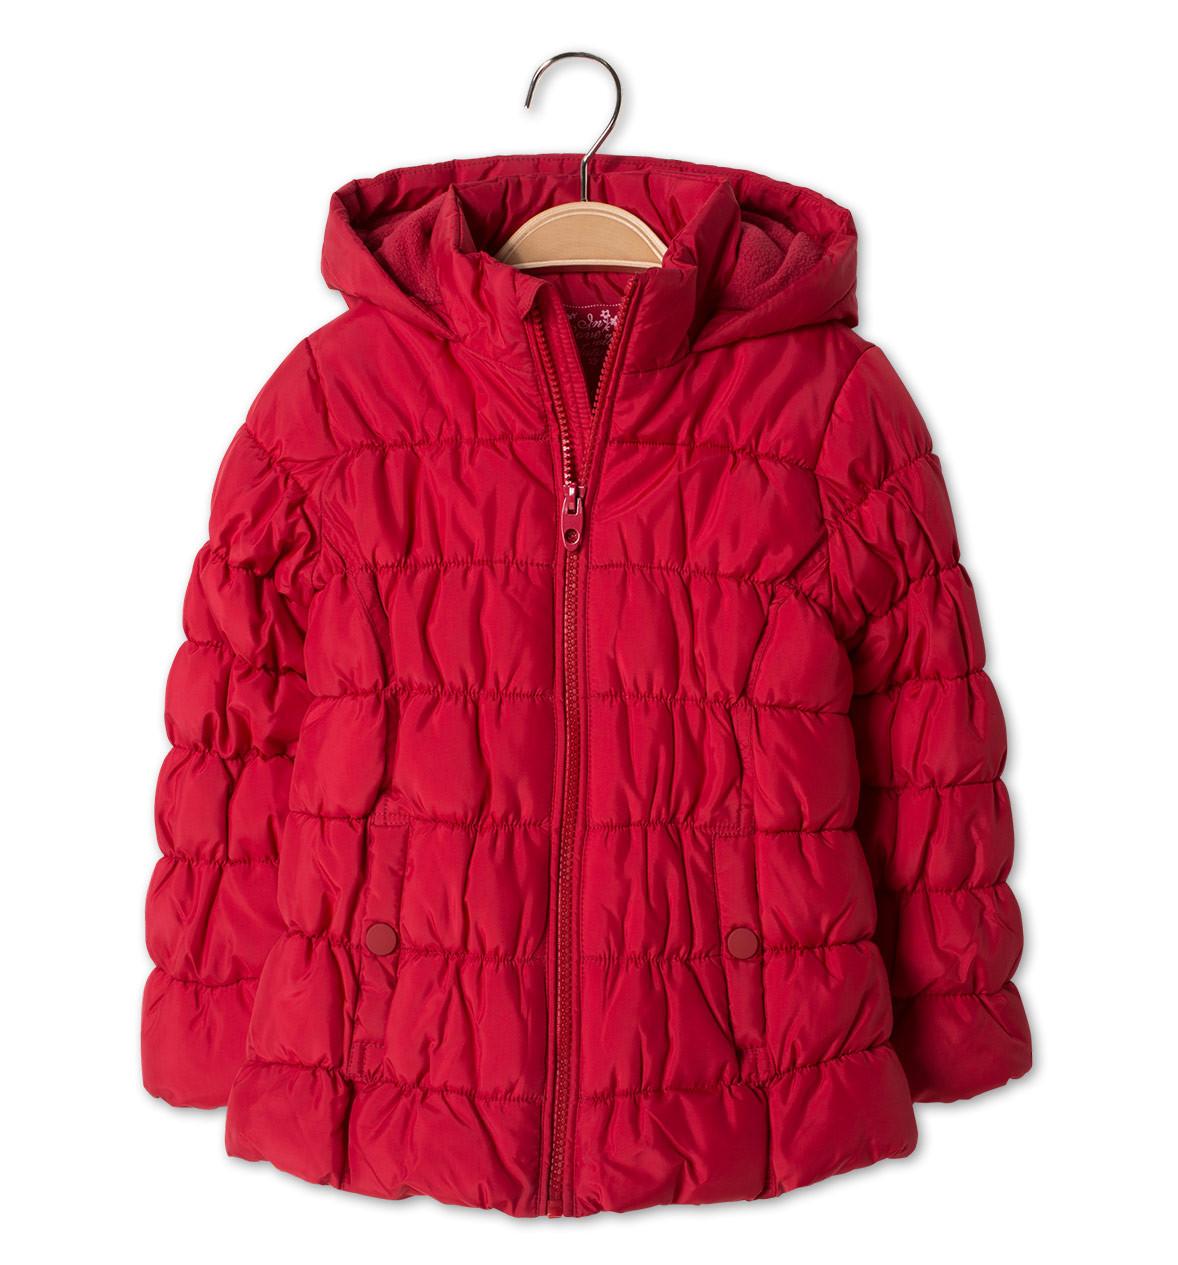 Демисезонная красная куртка для девочки 4 года C&A Германия Размер 104